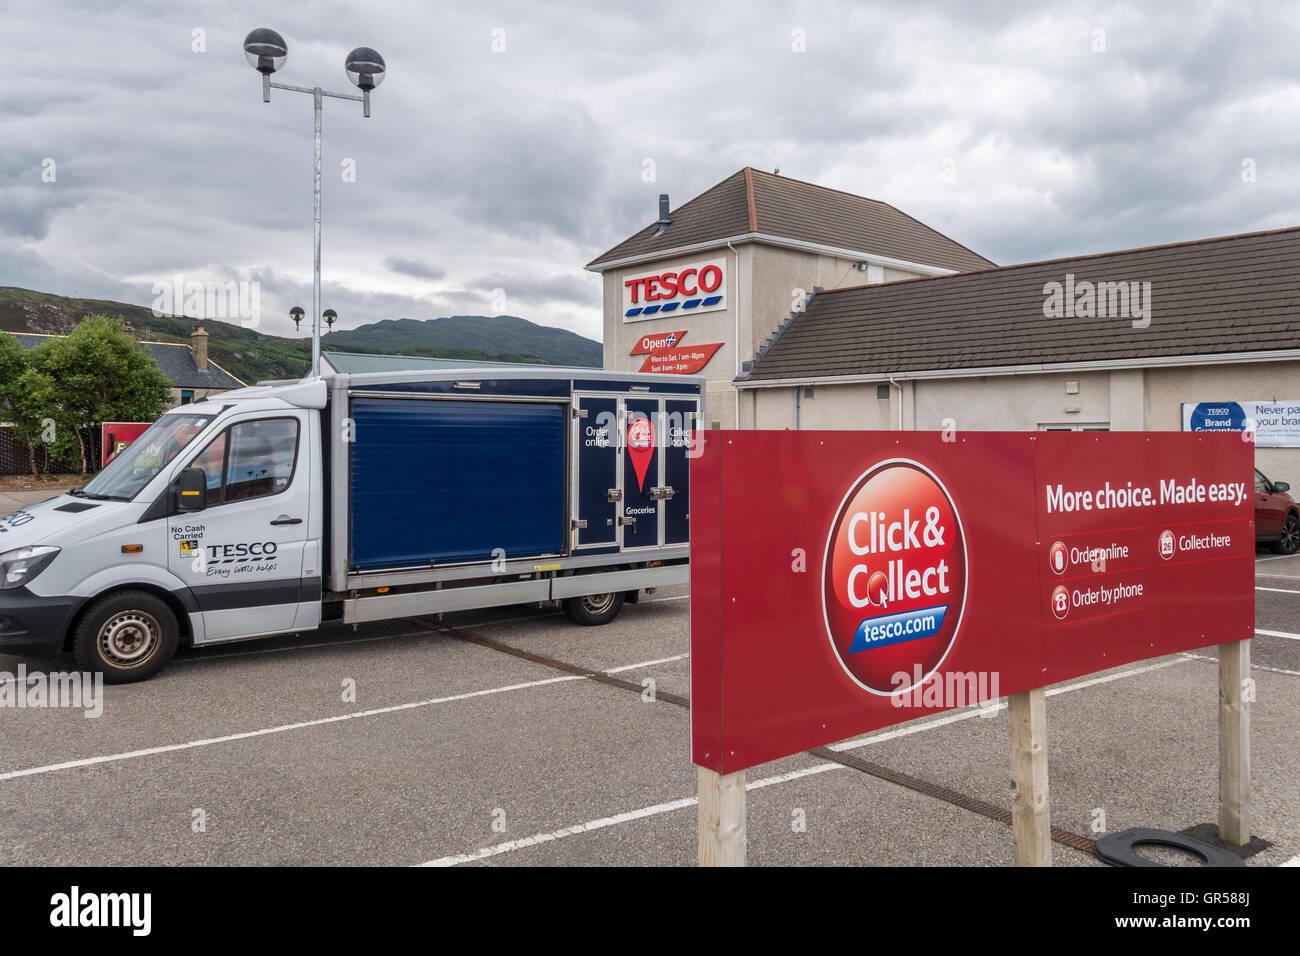 Tesco Click & raccogliere van per la consegna al di fuori Ullapool supermercato Tesco. Immagini Stock